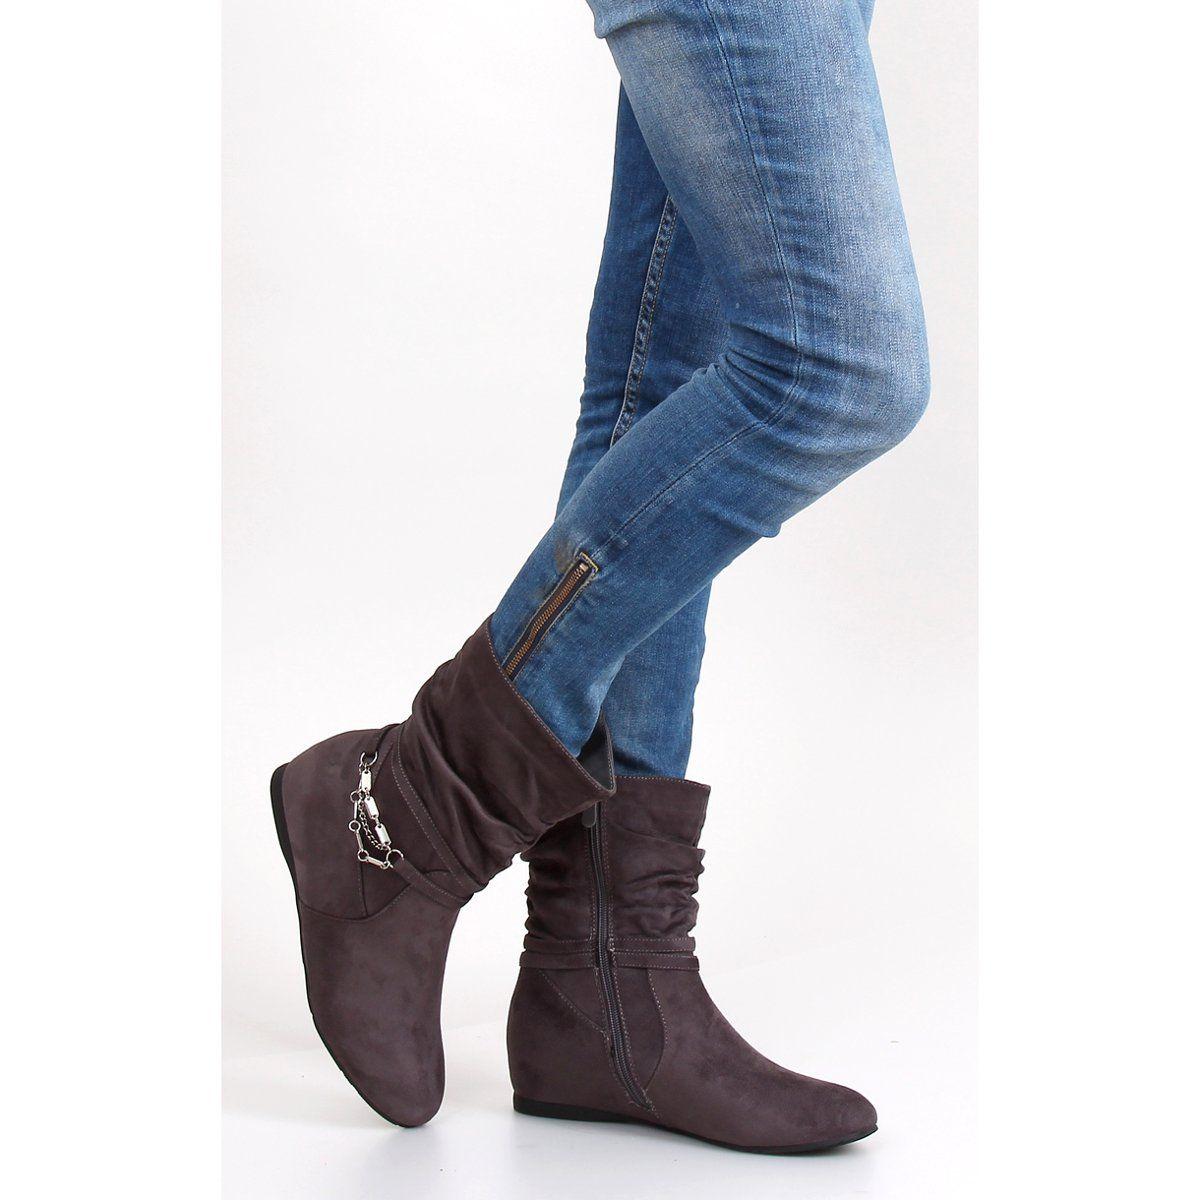 Botki Damskie Obuwiedamskie Szare Saszki Z Marszczona Cholewka Pe105 Grey Obuwie Damskie Fashion Ankle Boot Boots